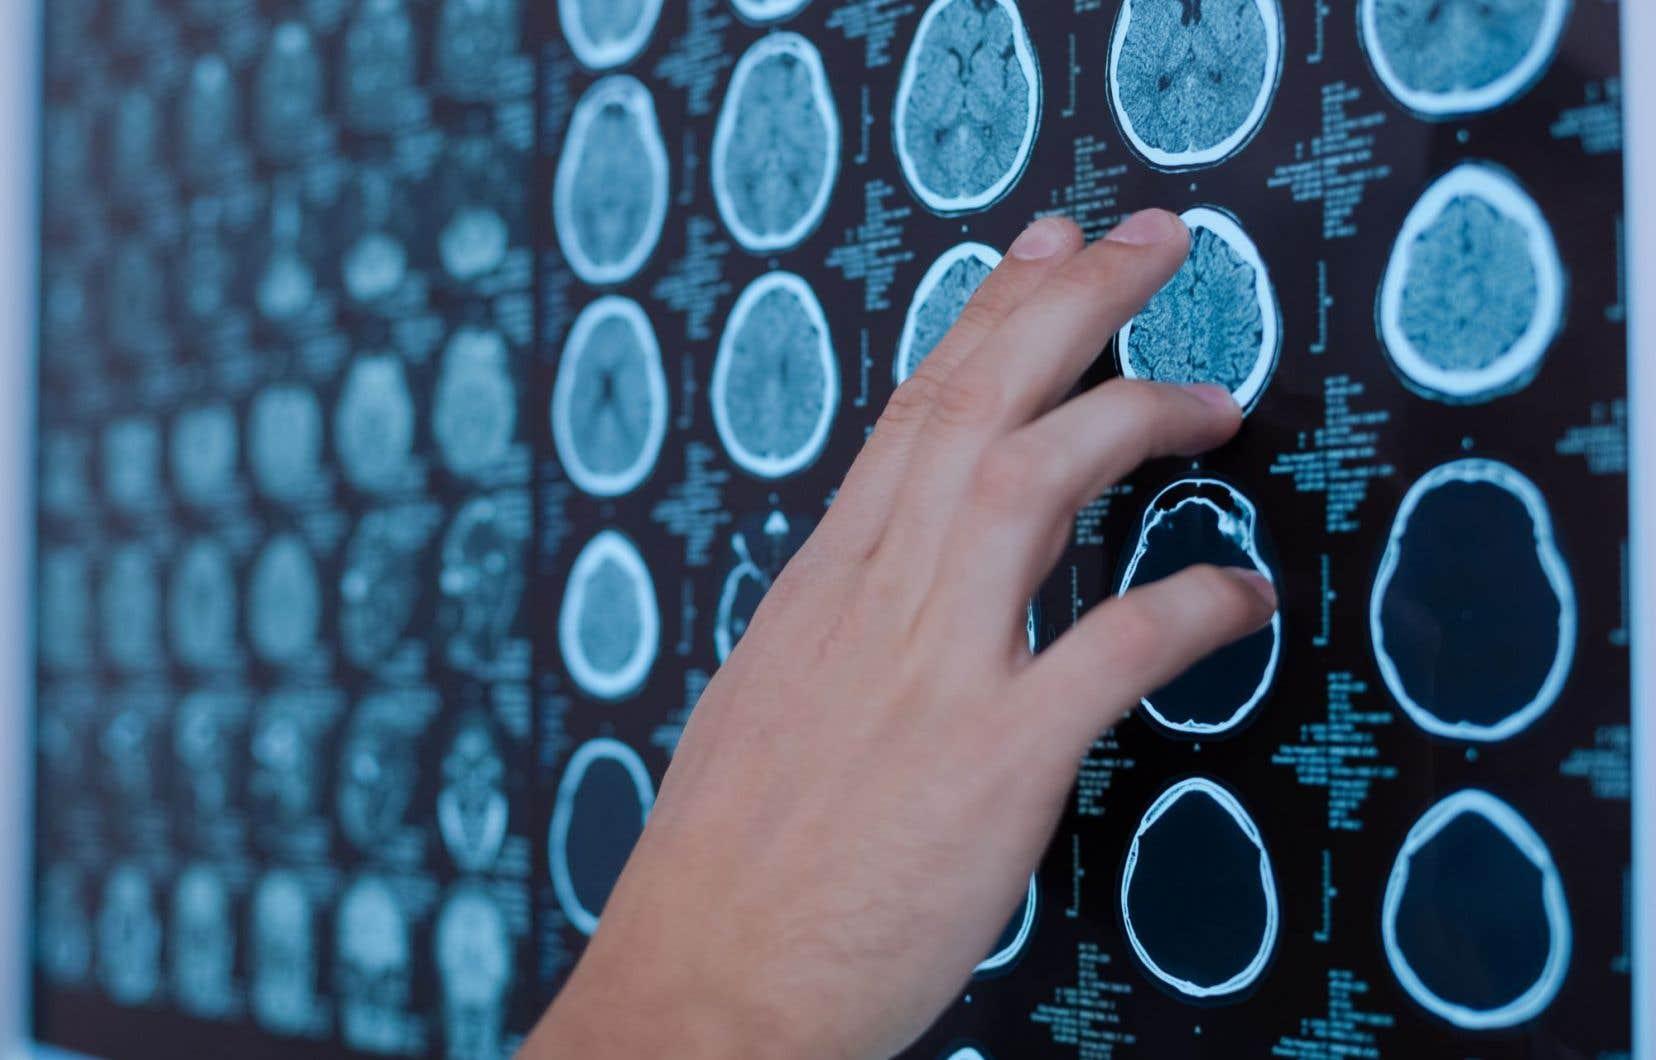 Dans 20 % des cas, les victimes de commotion n'affichent pas de symptômes visibles dans les 48 heures suivant un choc à la tête.